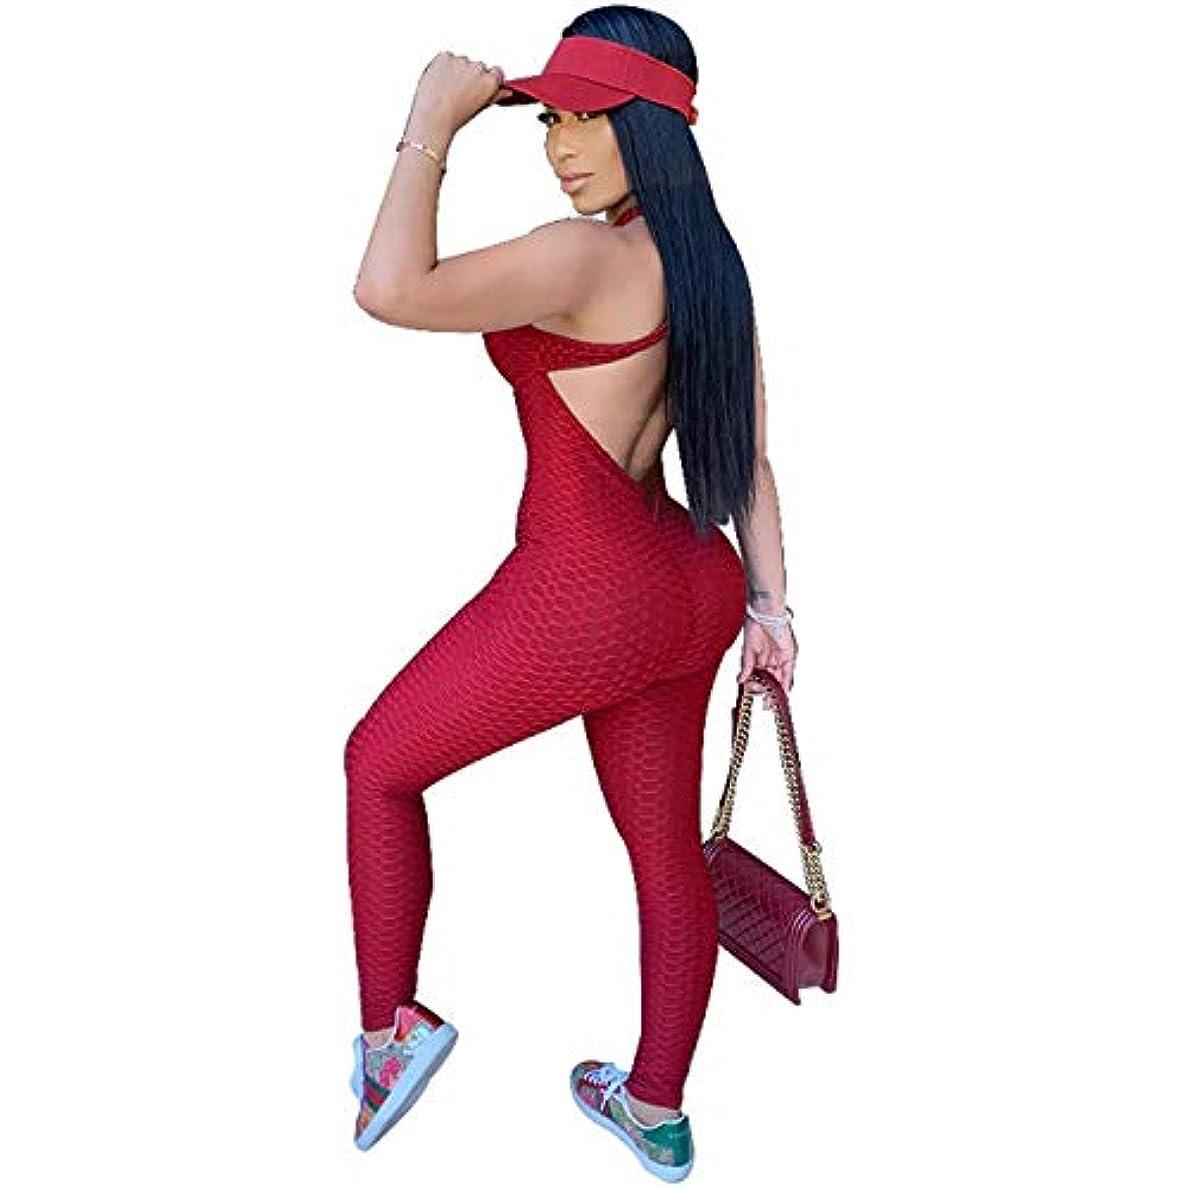 教授調和グレートオークXIAOTING 女性のためのシャーリングバットリフトヨガジャンプスーツレギンス、ハニカムテクスチャ背中の開いたスポーツ包帯ロンパースPlaysuit M2857 (Color : Rose red, Size : Large)